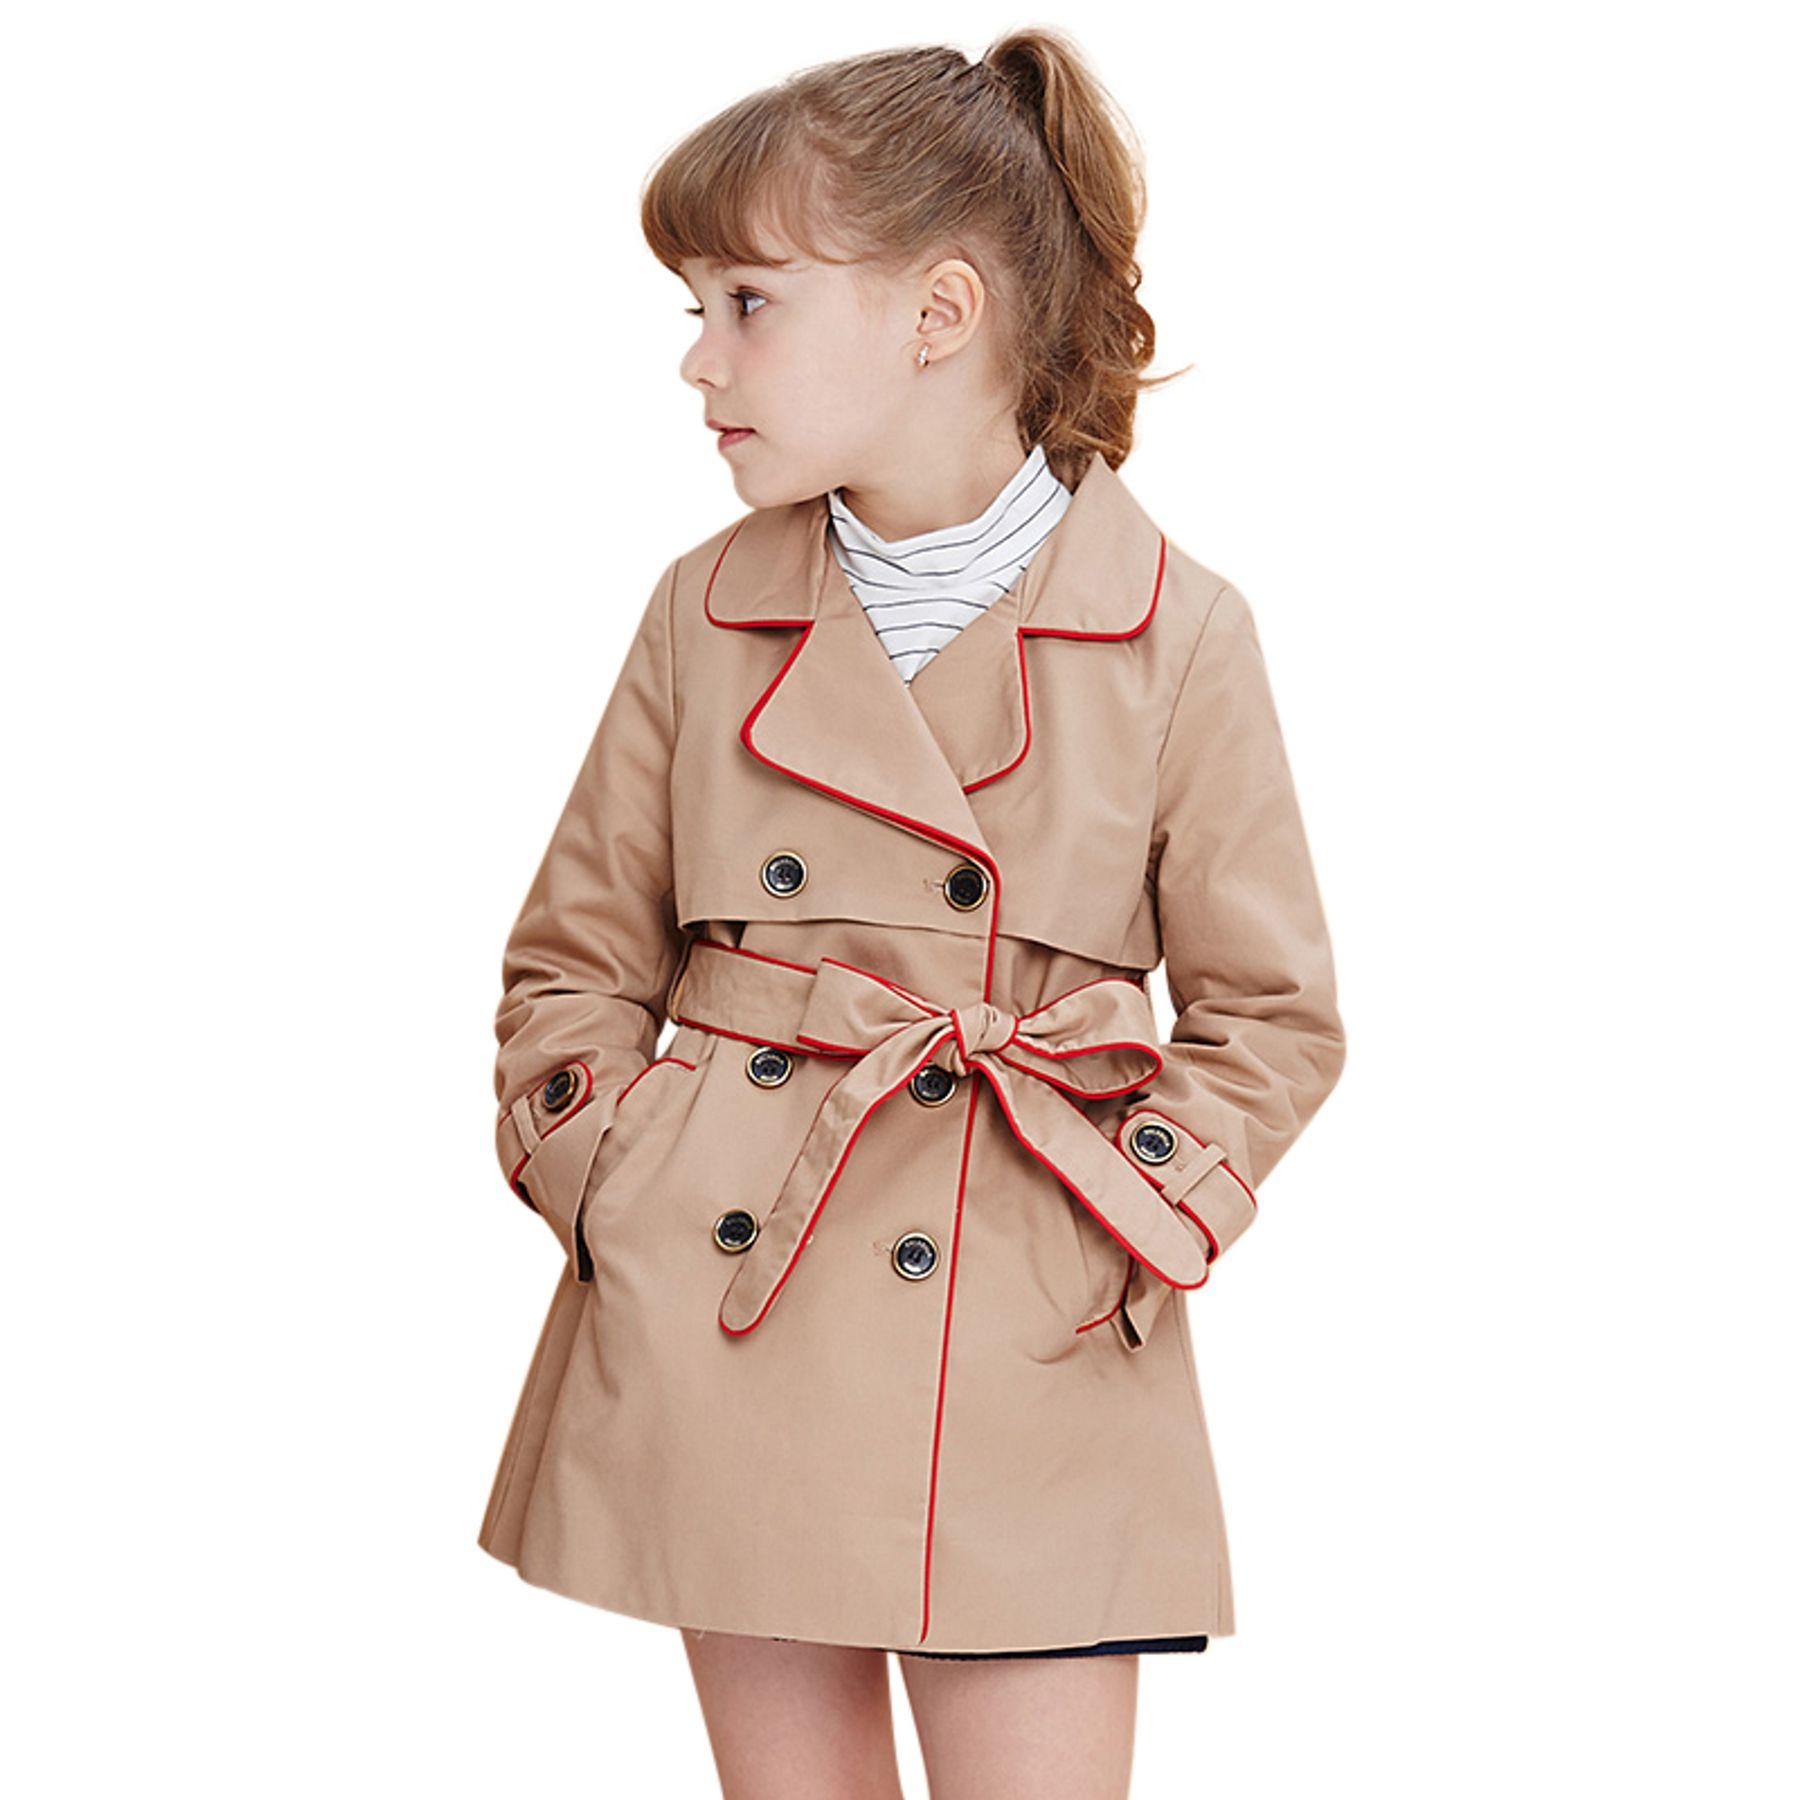 Chỉ nên mua từ 2-3 bộ áo ấm đẹp